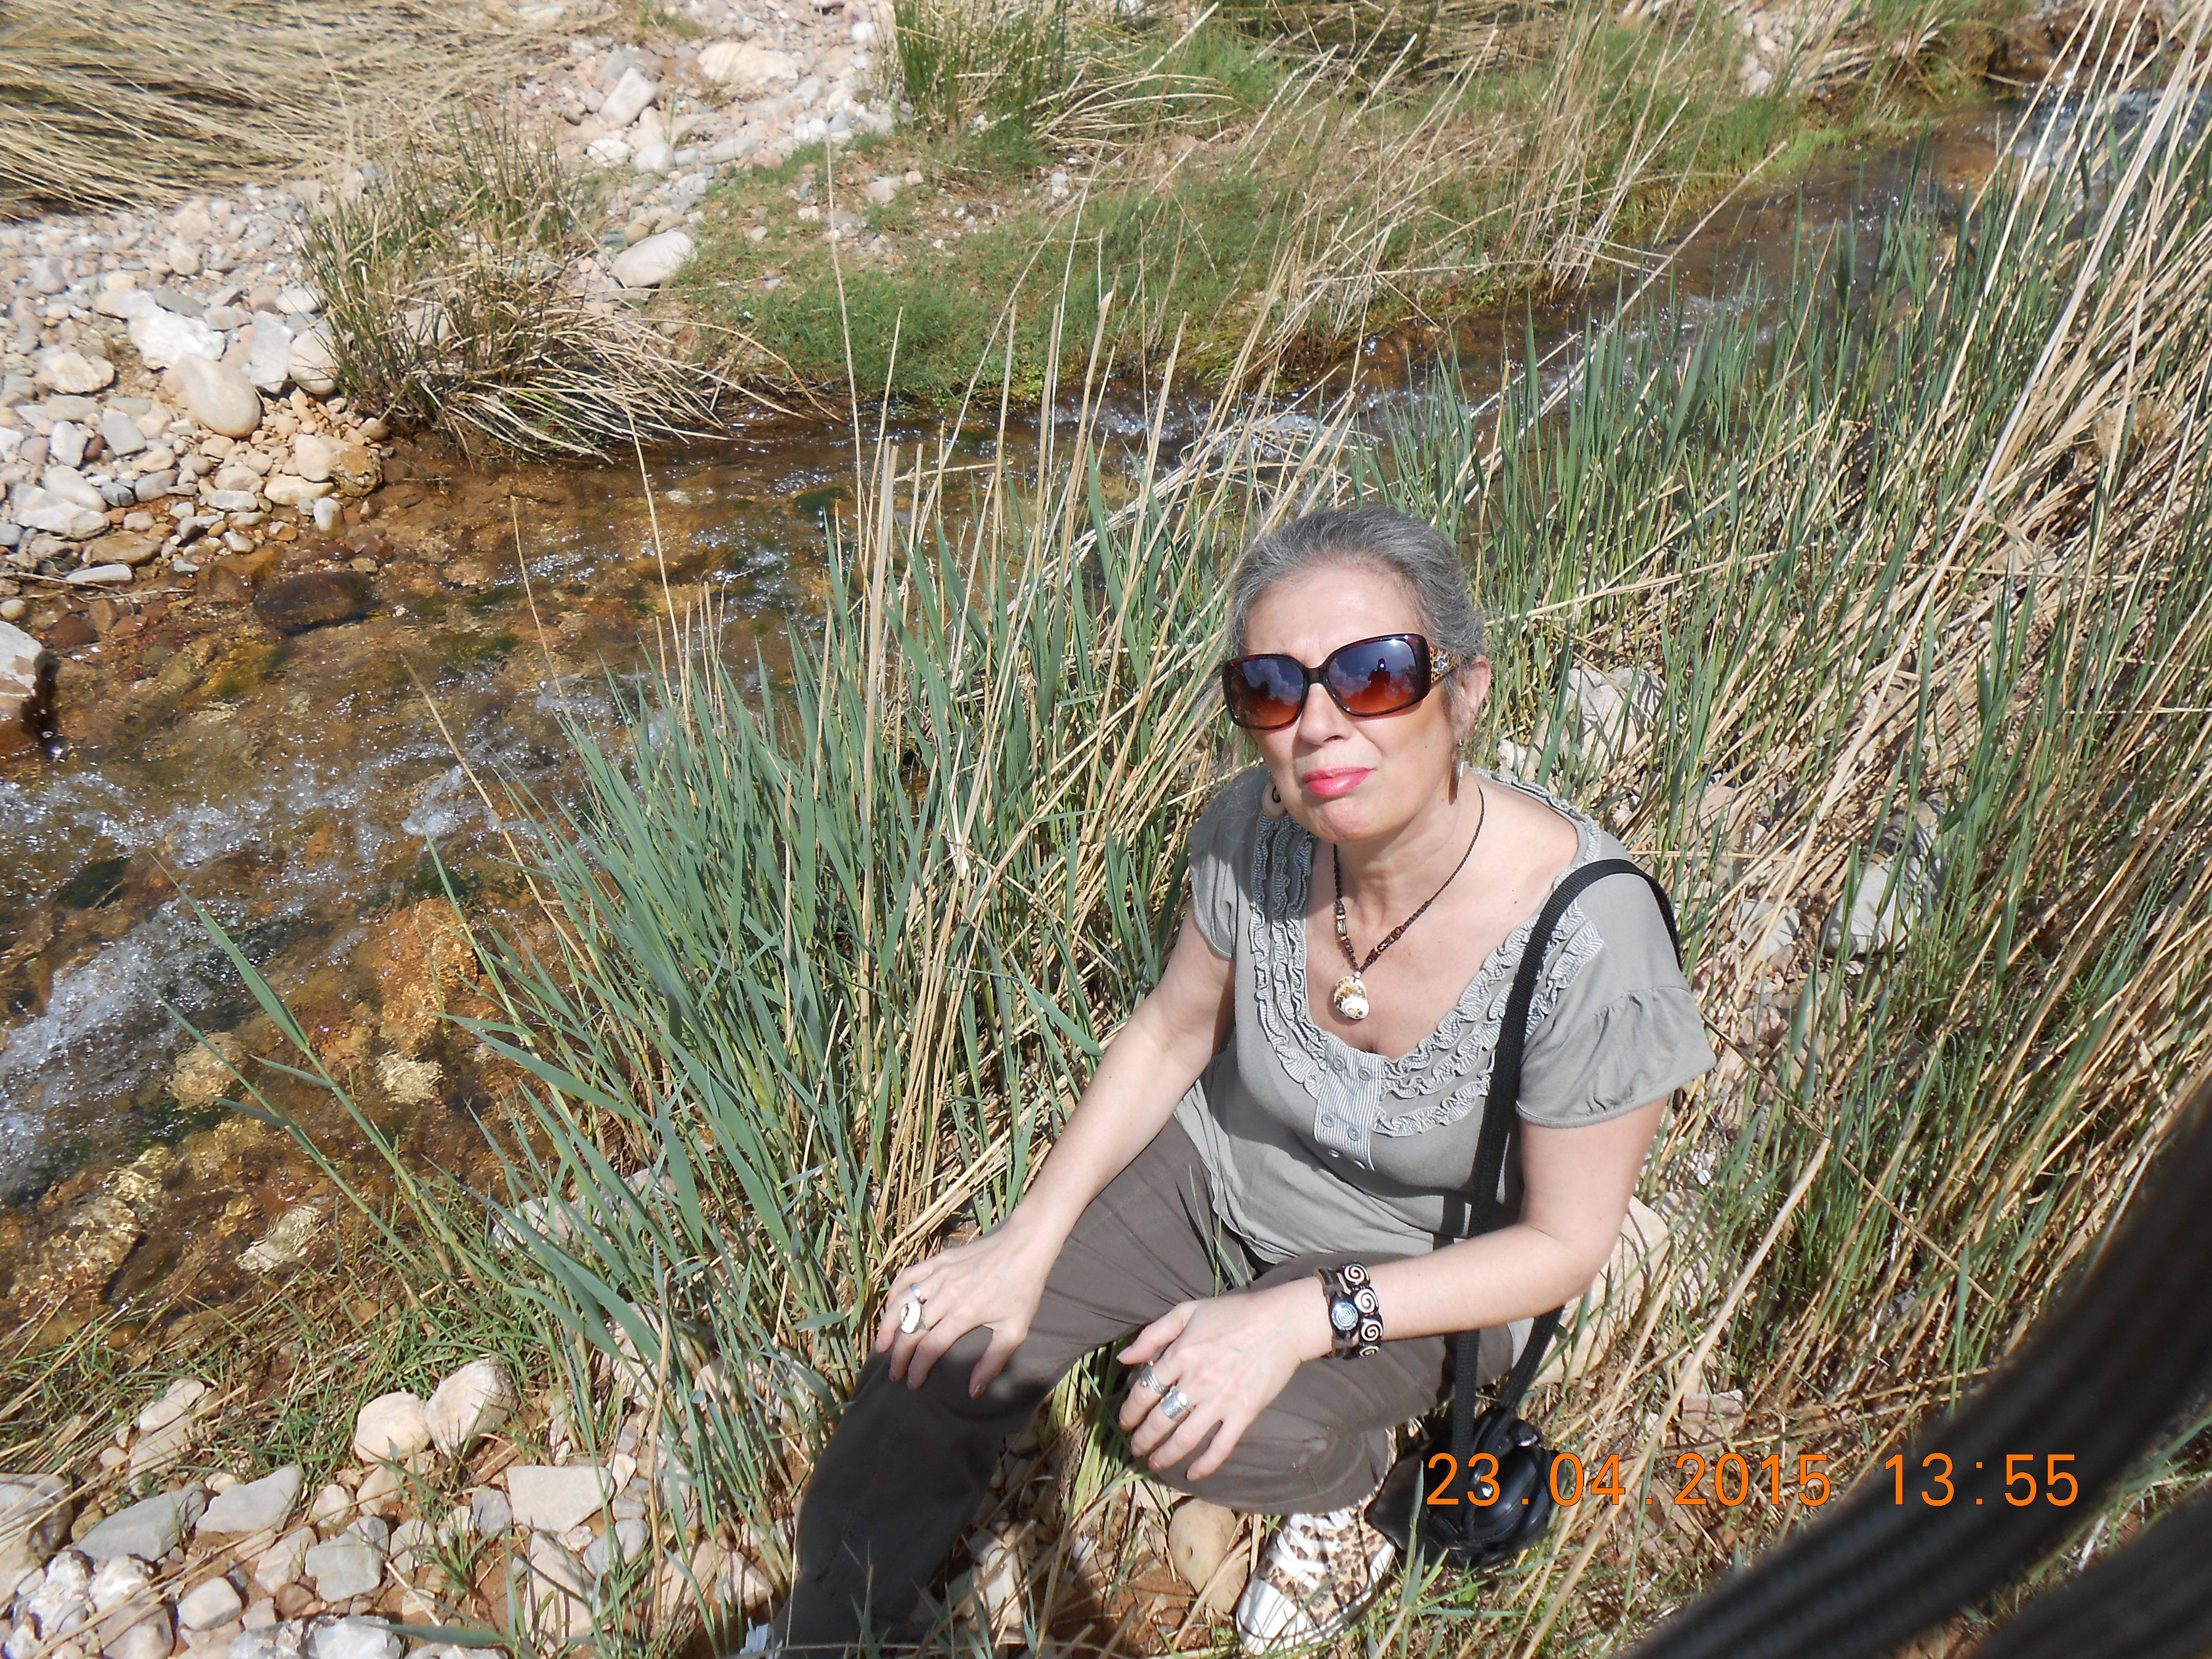 ¡Qué bien me sientan los paseos por el río! Ribota (Calatayud)